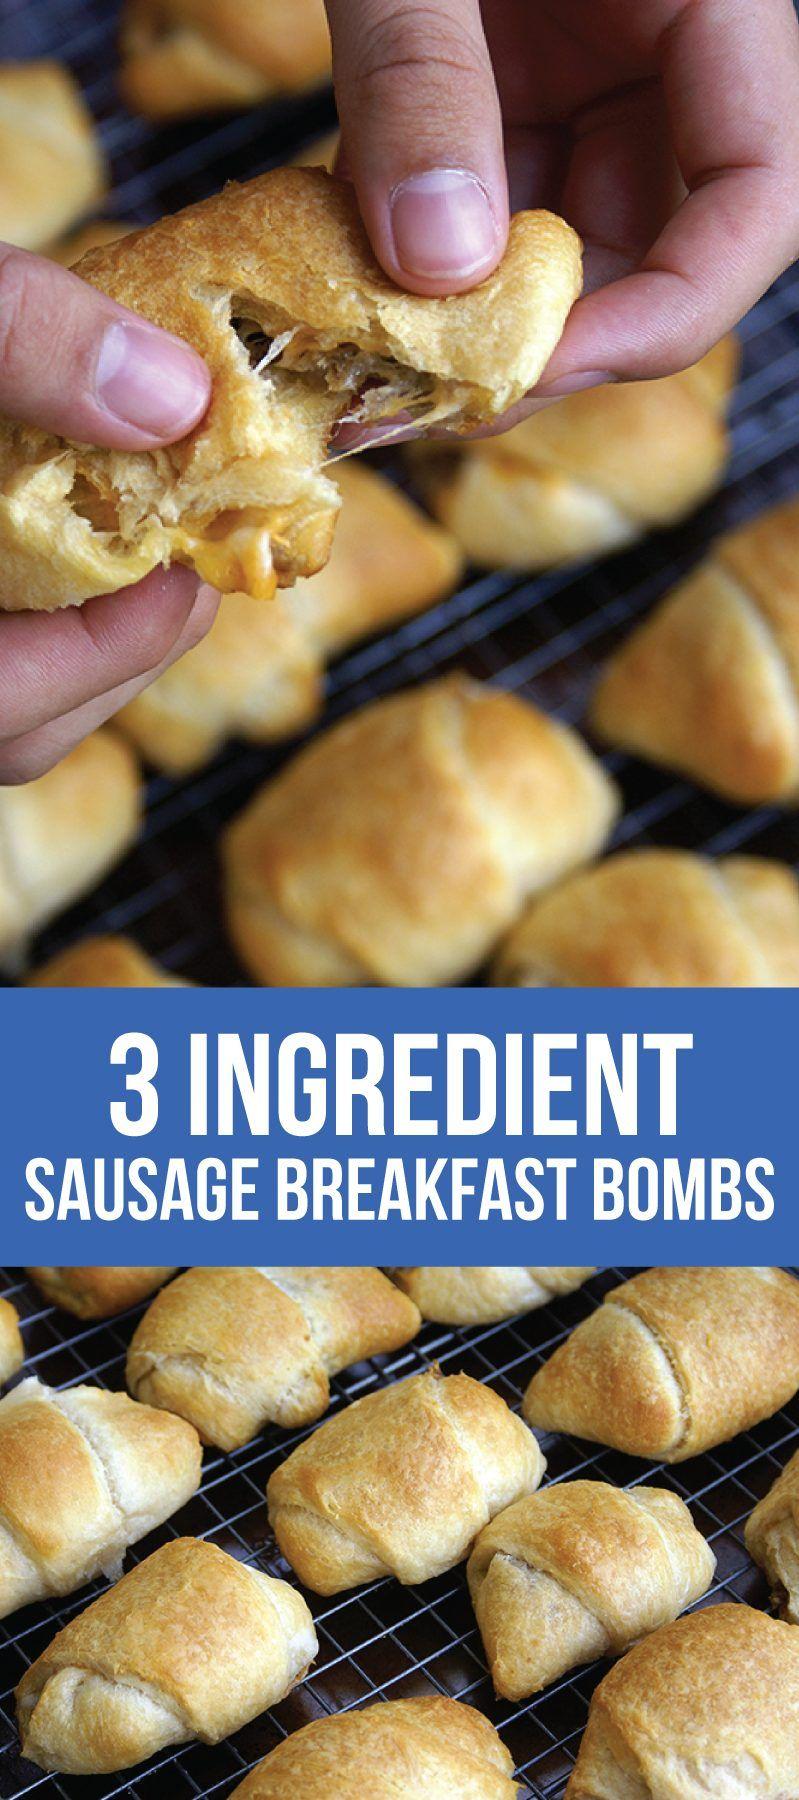 3 Ingredient Sausage Breakfast Bombs #foodanddrink